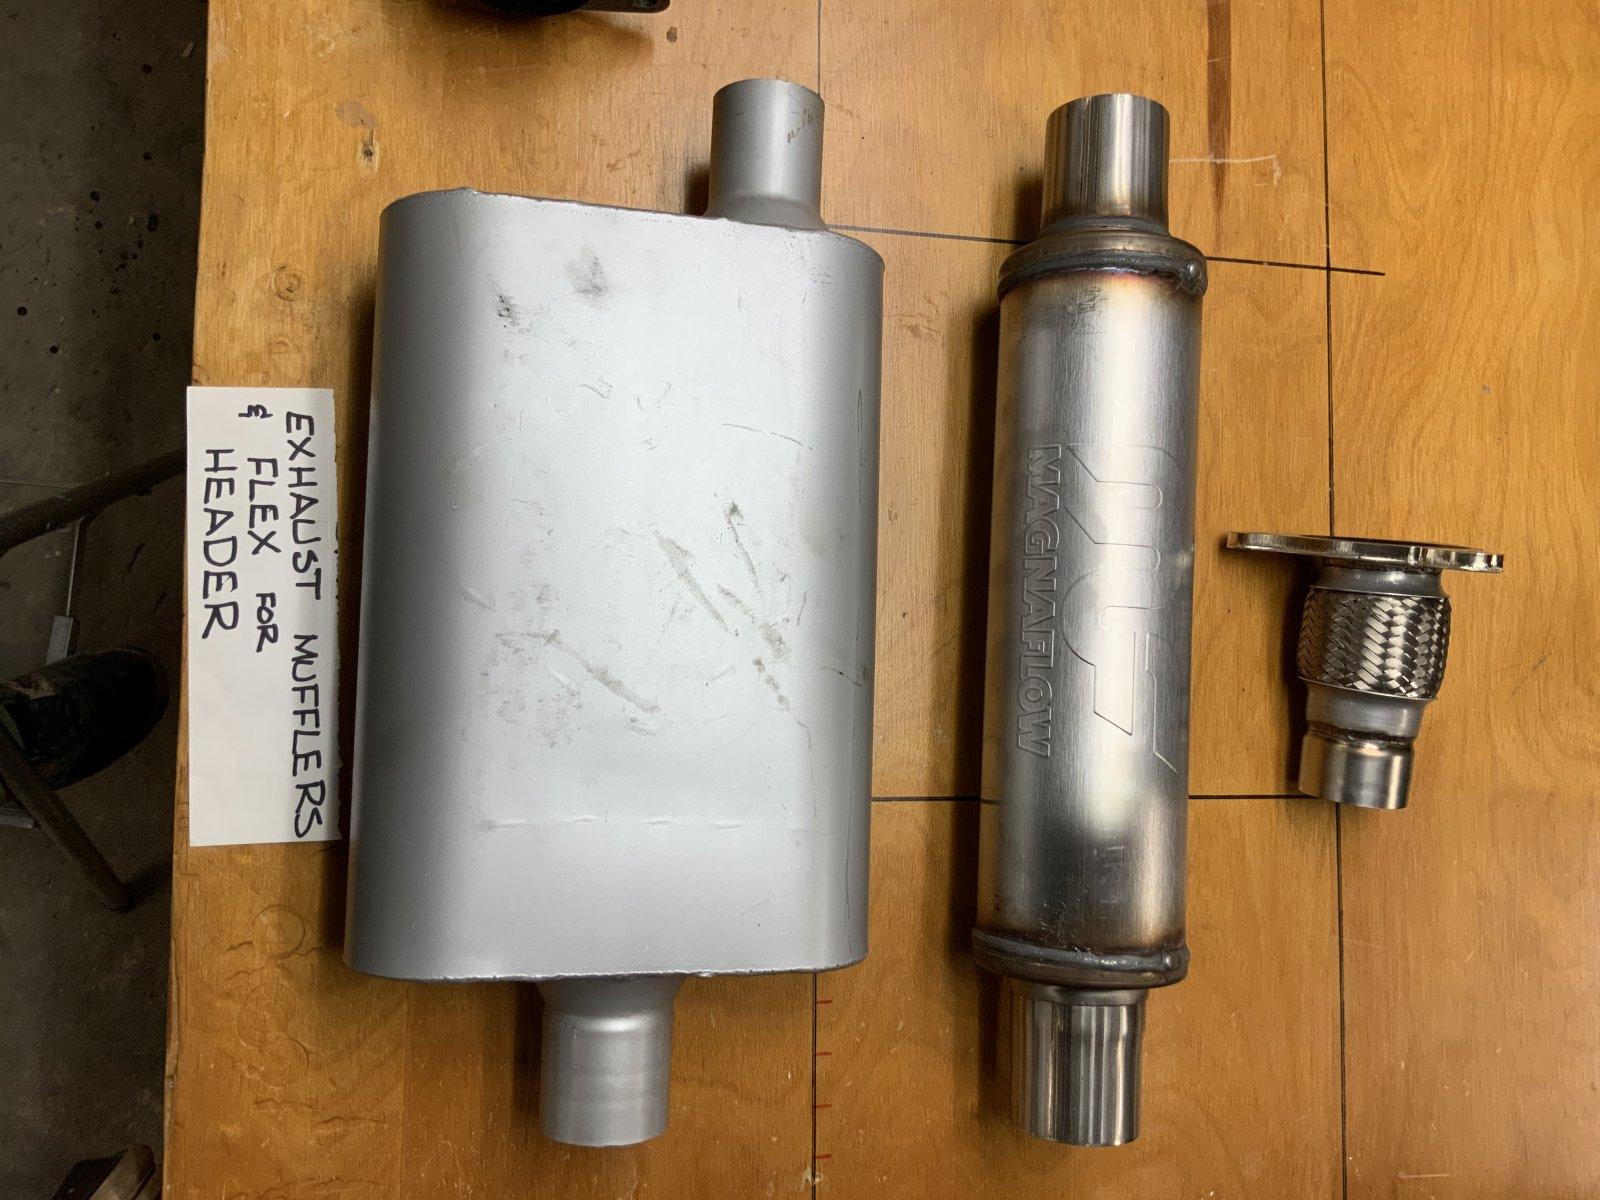 0ABCC583-334C-42D2-B52D-0C0B96DB9821.jpeg